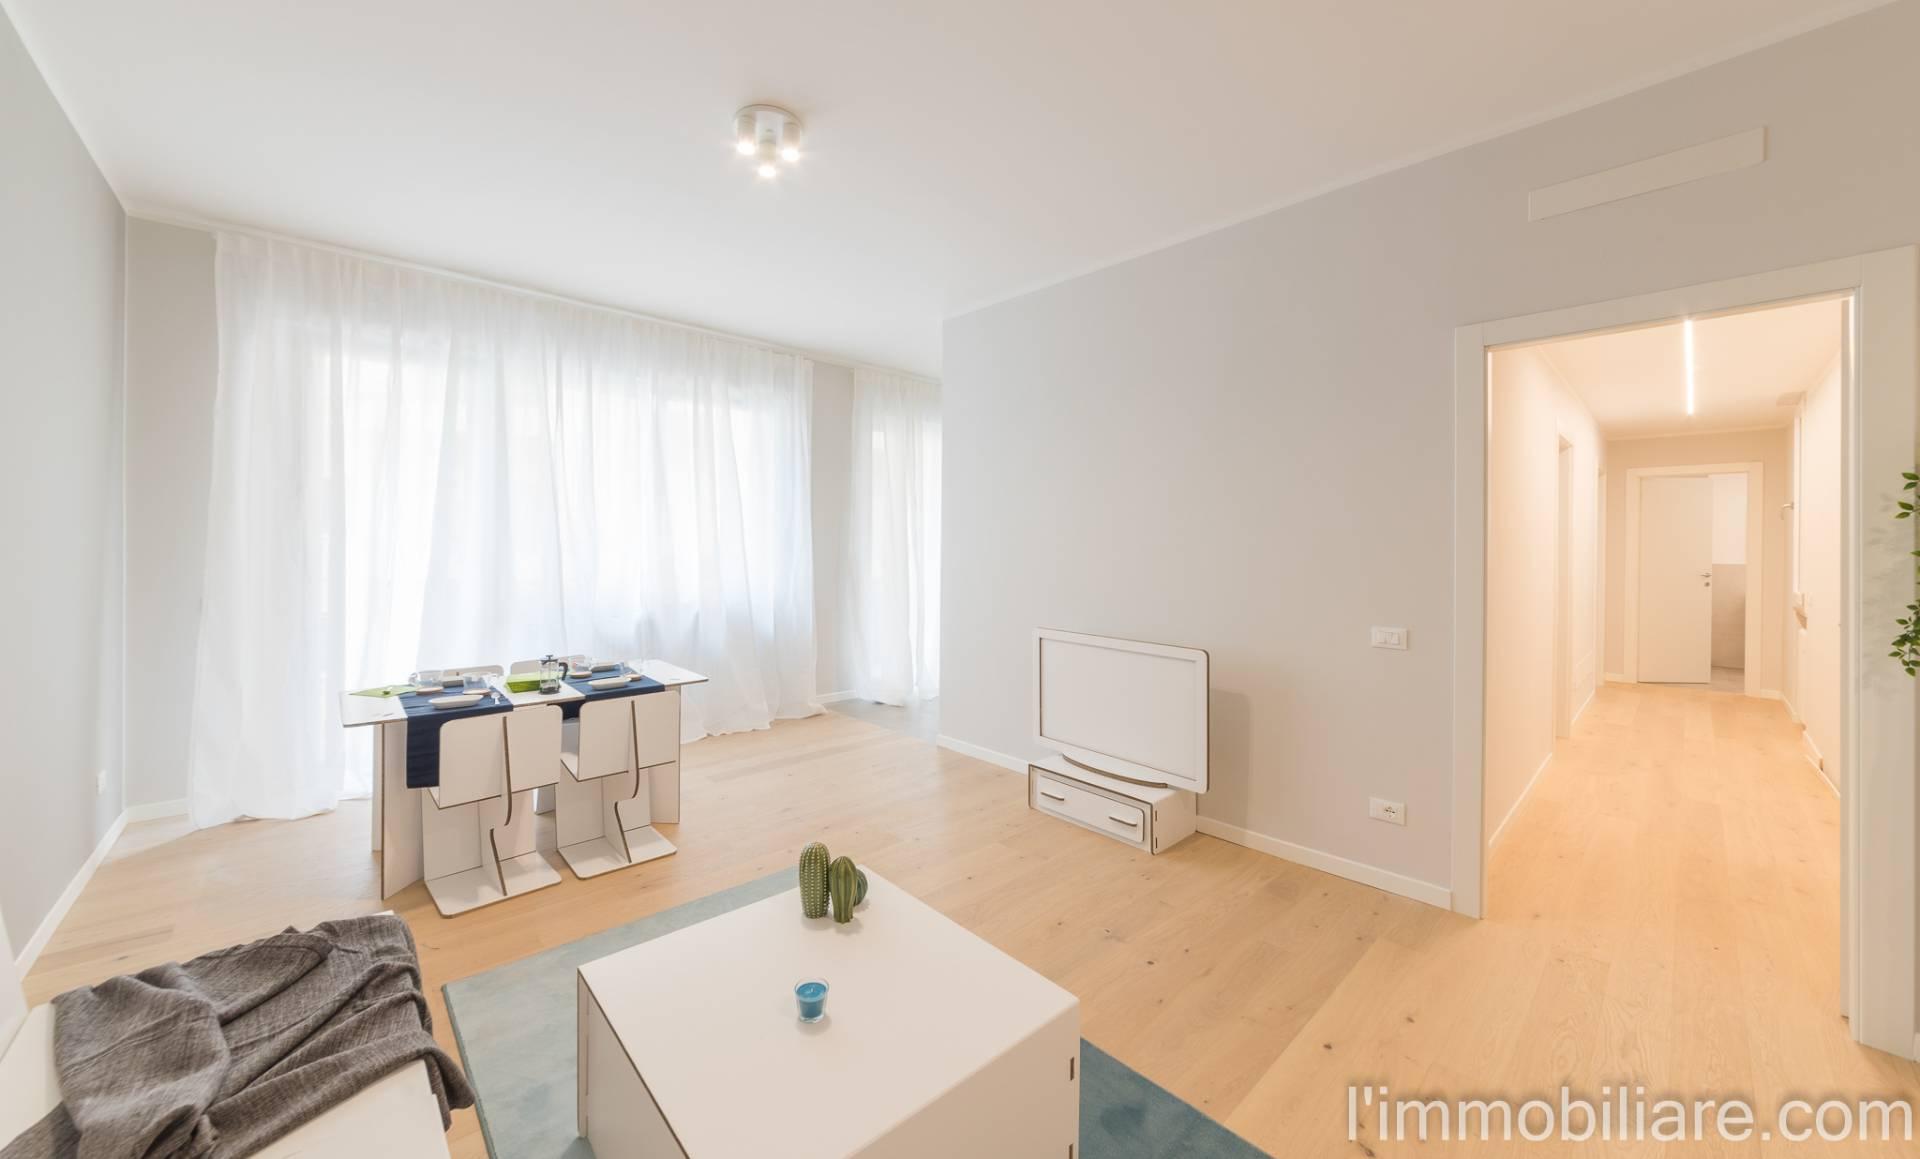 Appartamento in Vendita a Verona Centro: 4 locali, 110 mq